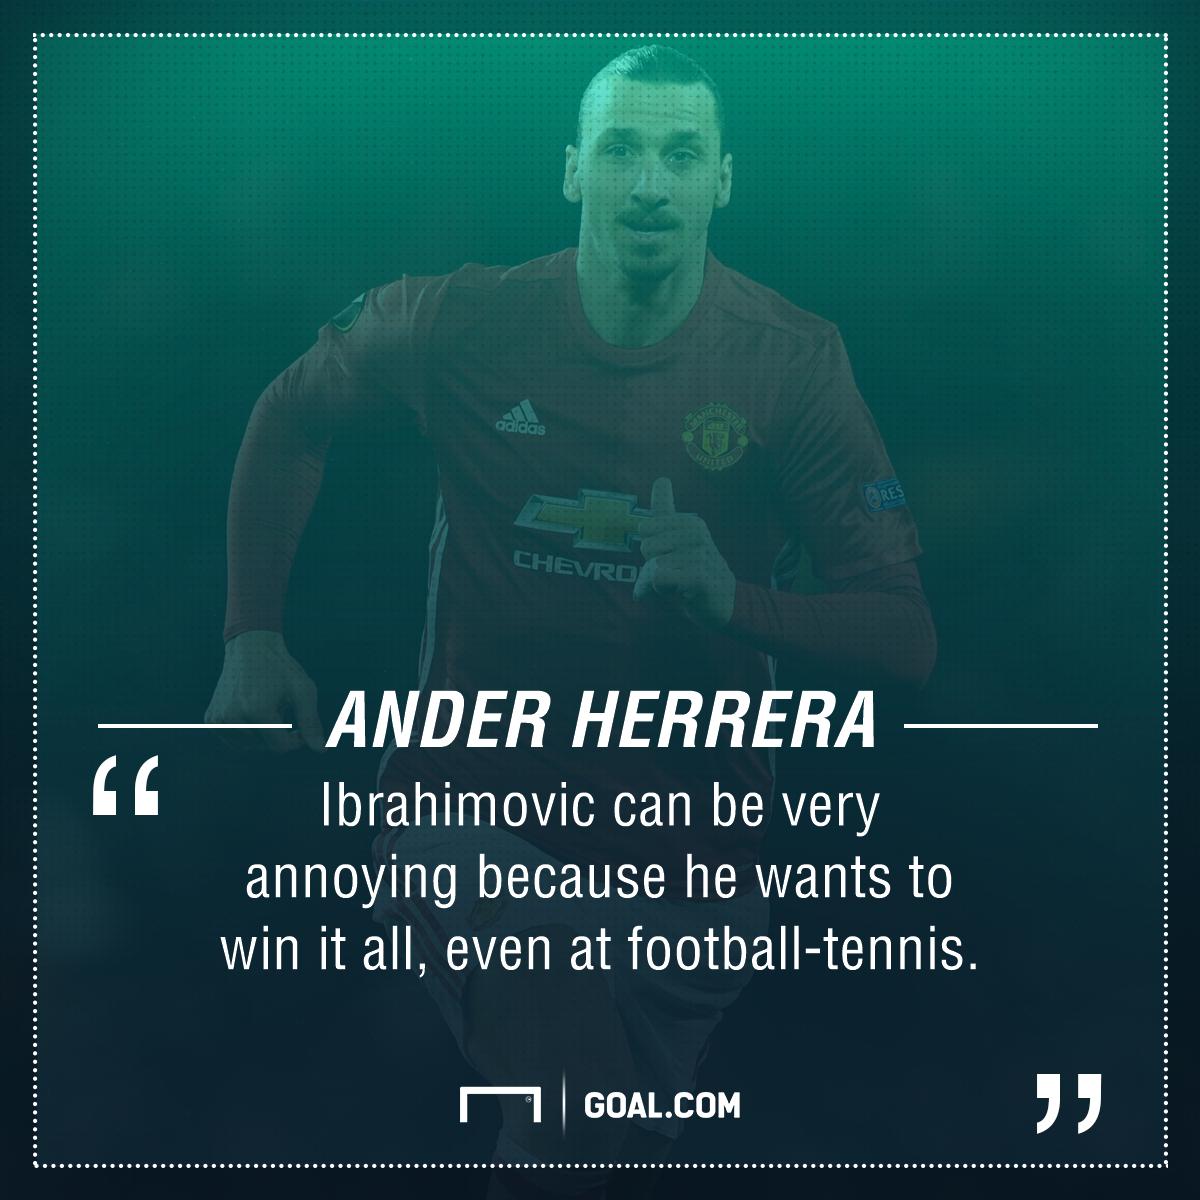 Ander Herrera Zlatan Ibrahimovic